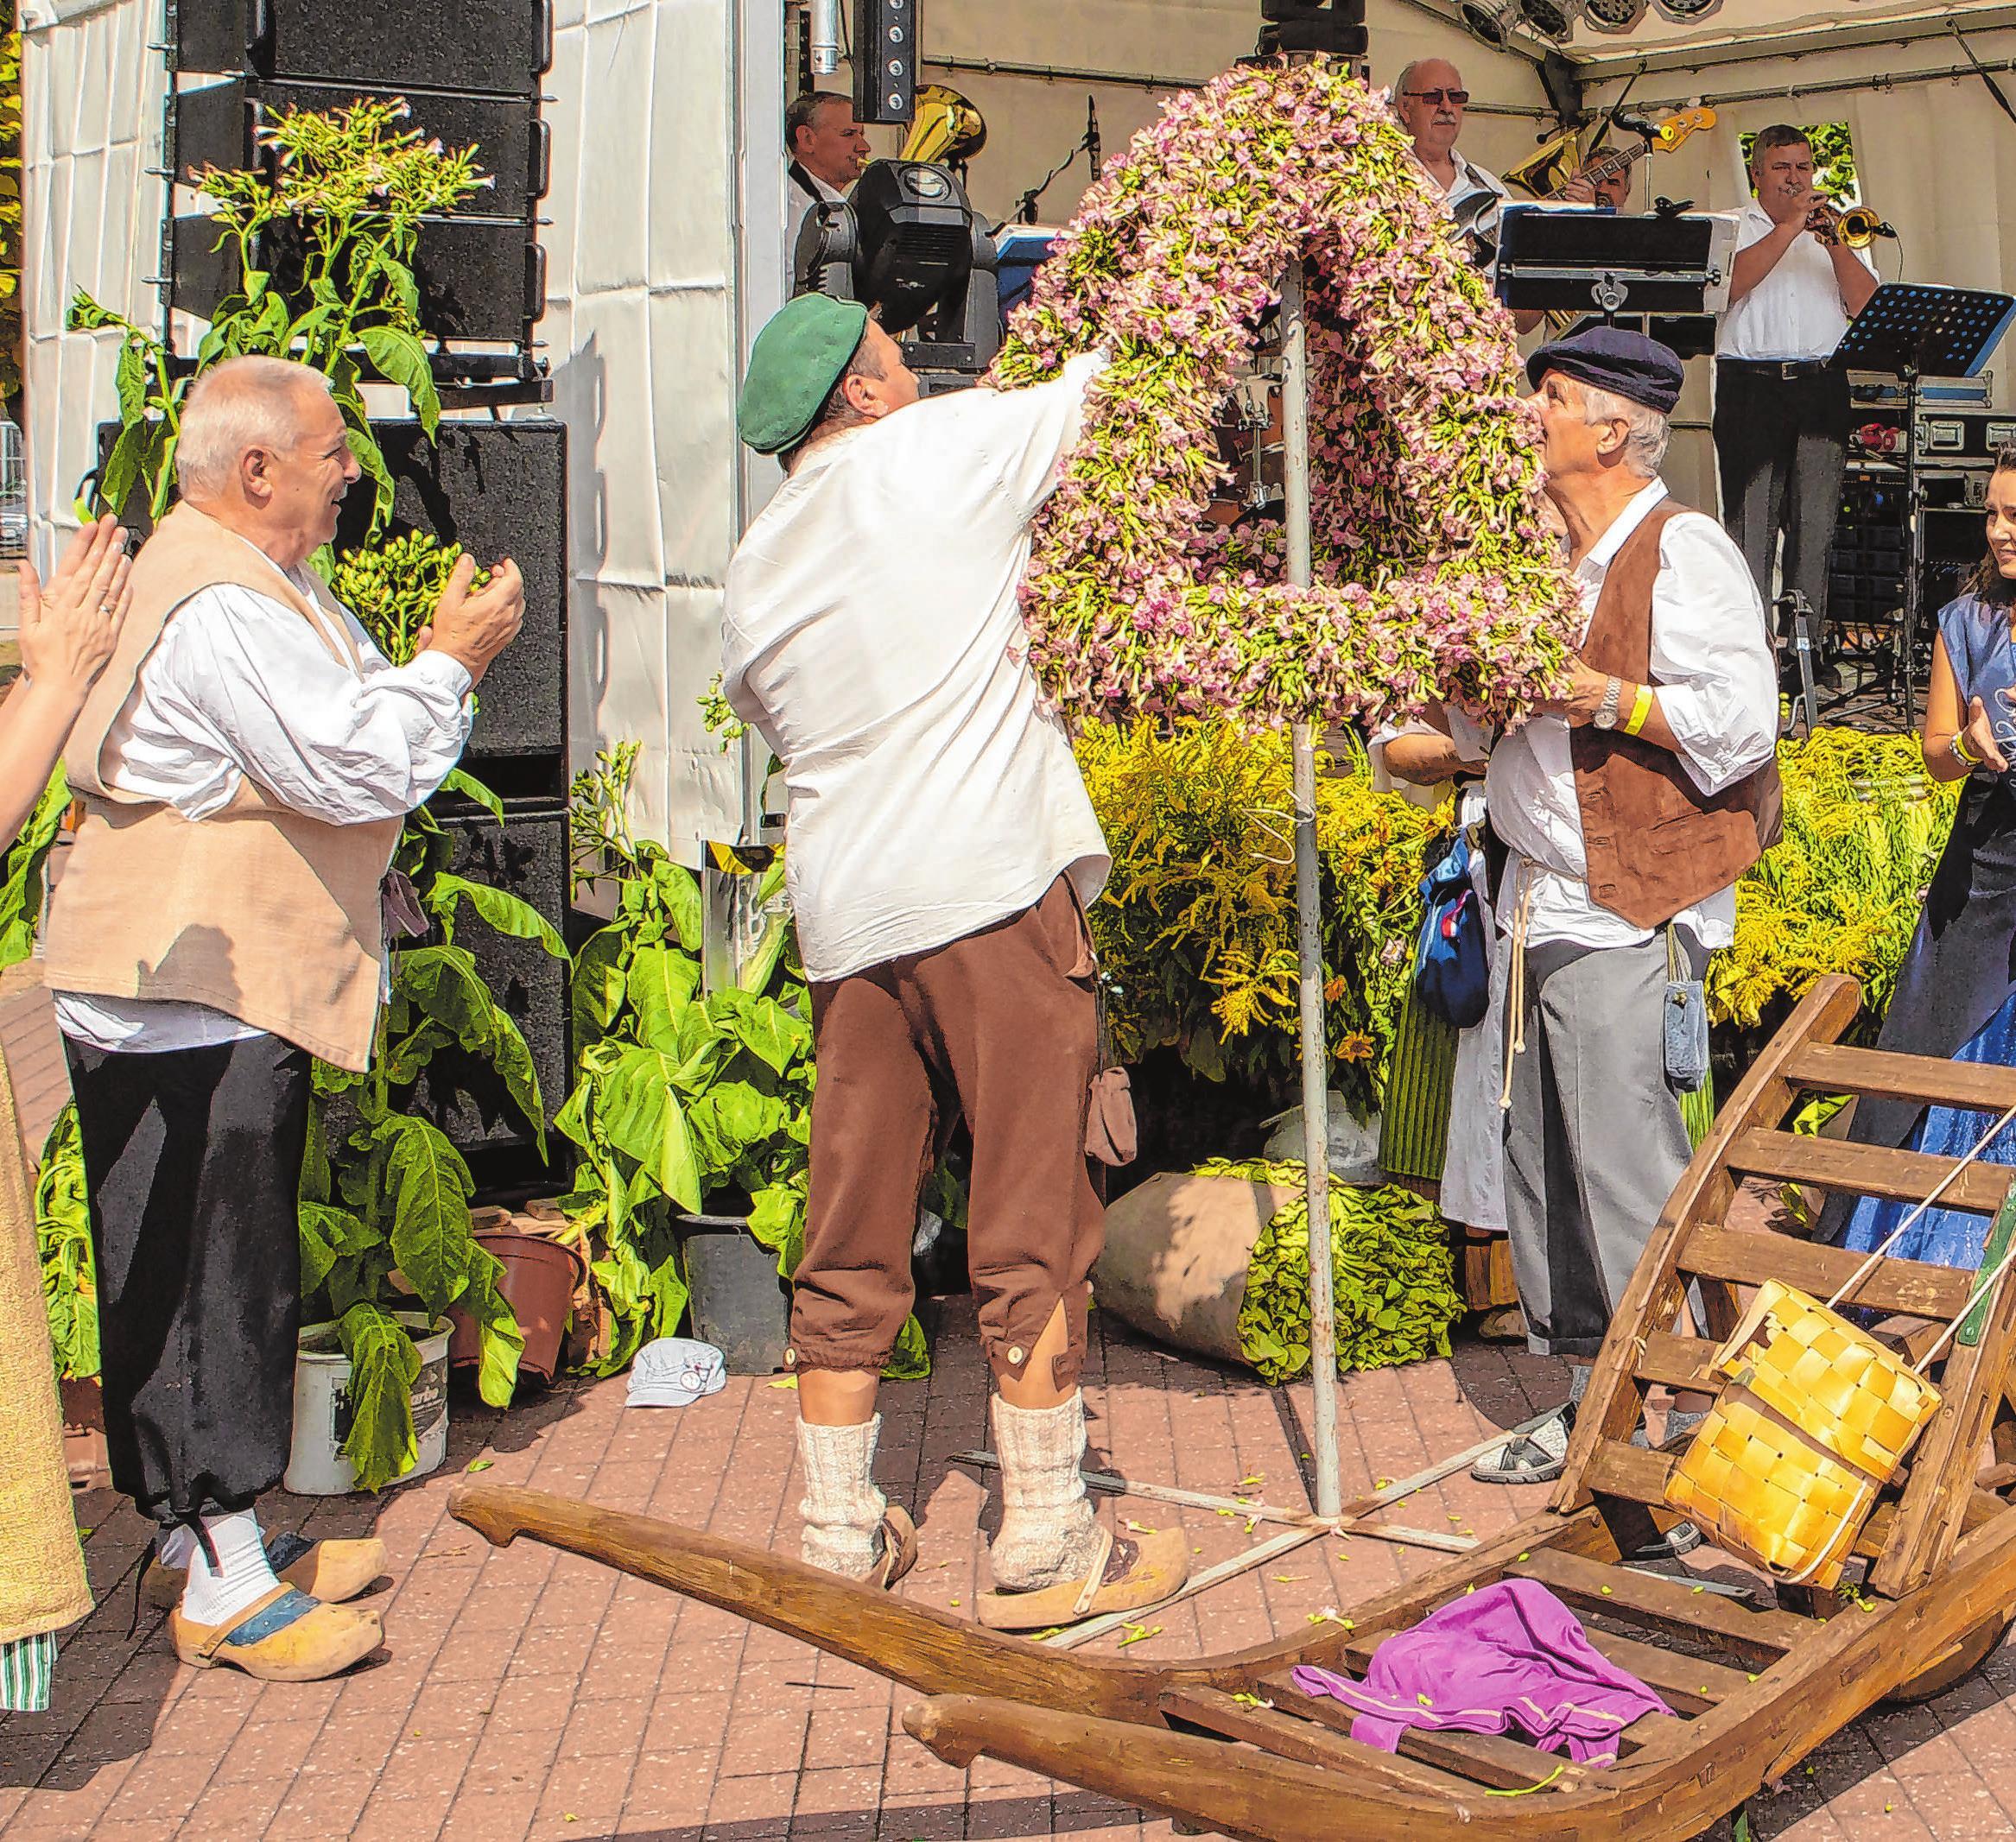 Filigranes Kunstwerk: Die Krone aus Tabakblüten, die zum Start vorsichtig aufgestellt wird, verdient auch in diesem Jahr viel Bewunderung.